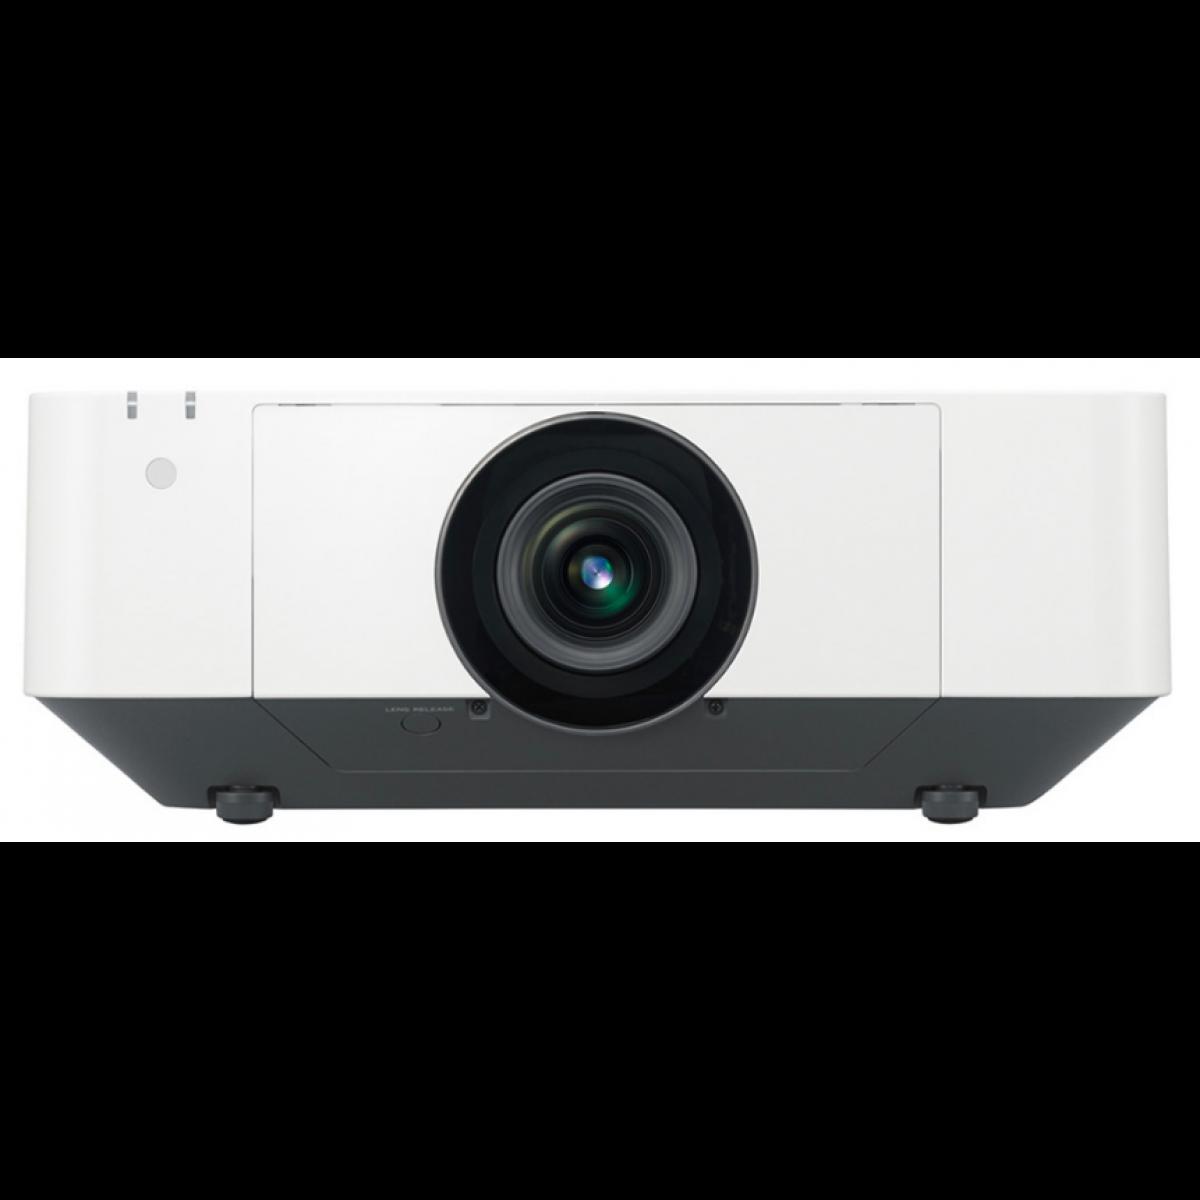 Sony VPL-FHZ75 Proyector con fuente de luz láser WUXGA de 6500 lúmenes